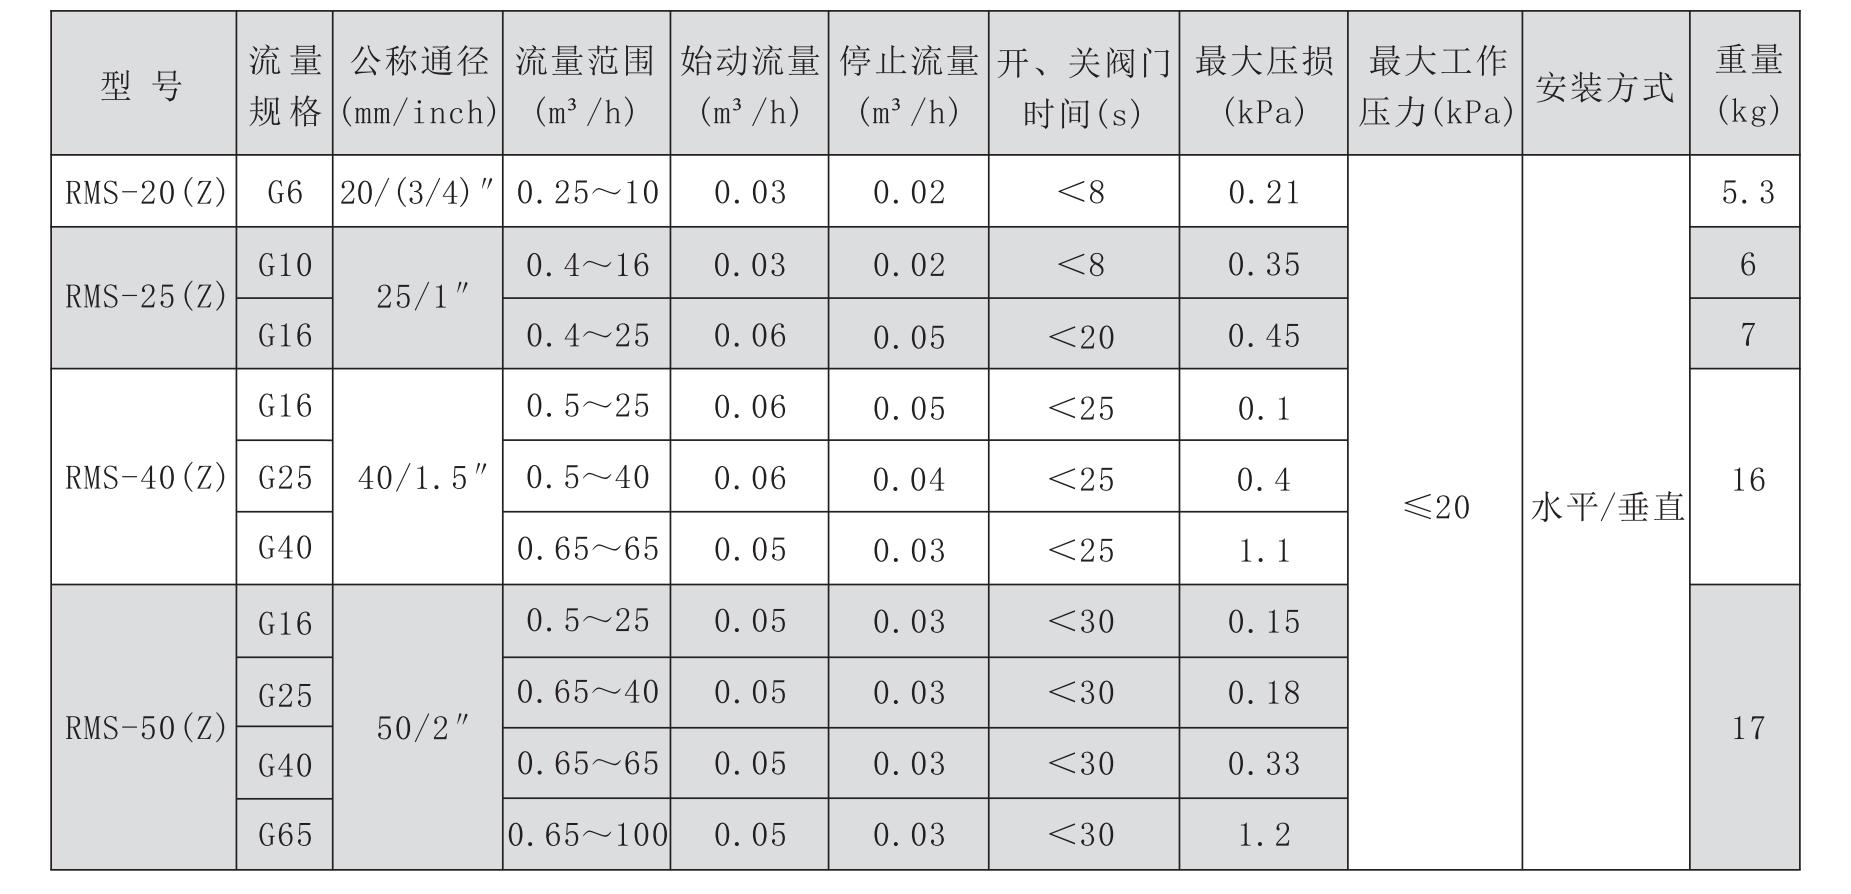 RMSG6-G65技术参数表